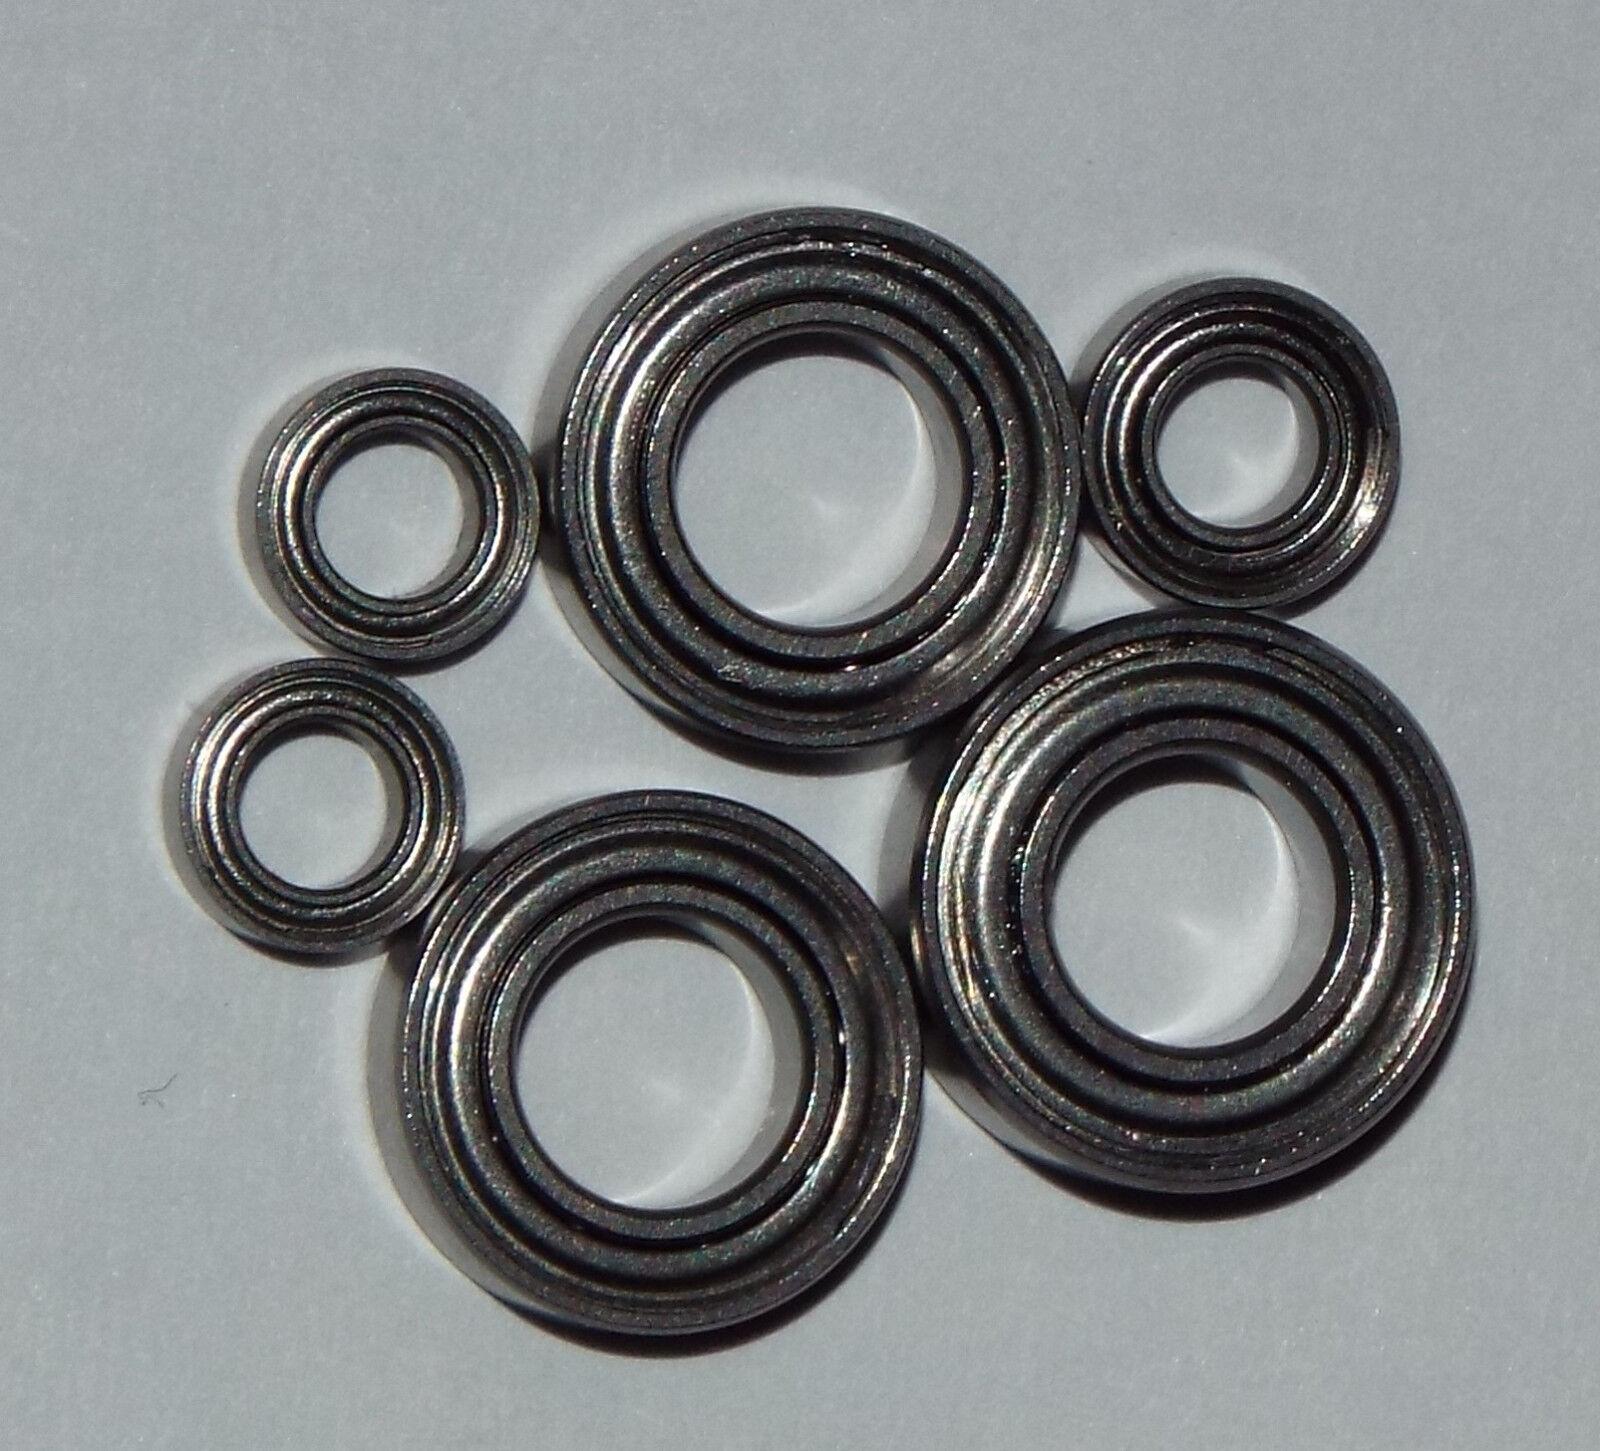 Shimano Aernos 2500 3000FA bearing set Upgrade abec7 stainless steel (FS 204)